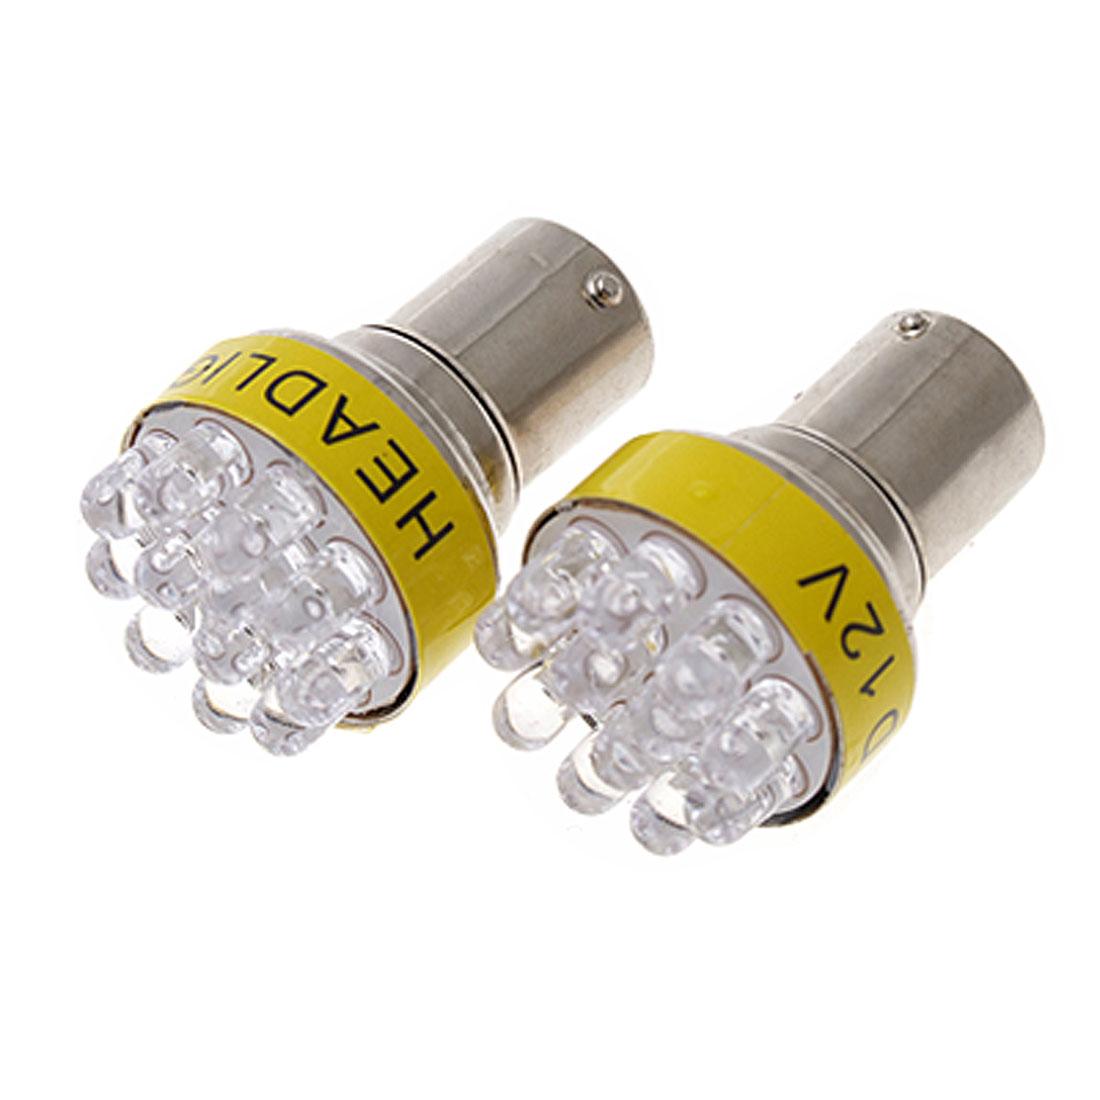 2 Pcs 1156 BA15S 12 LED Car Indicator Turn Tail Light Lamp Bulb Yellow